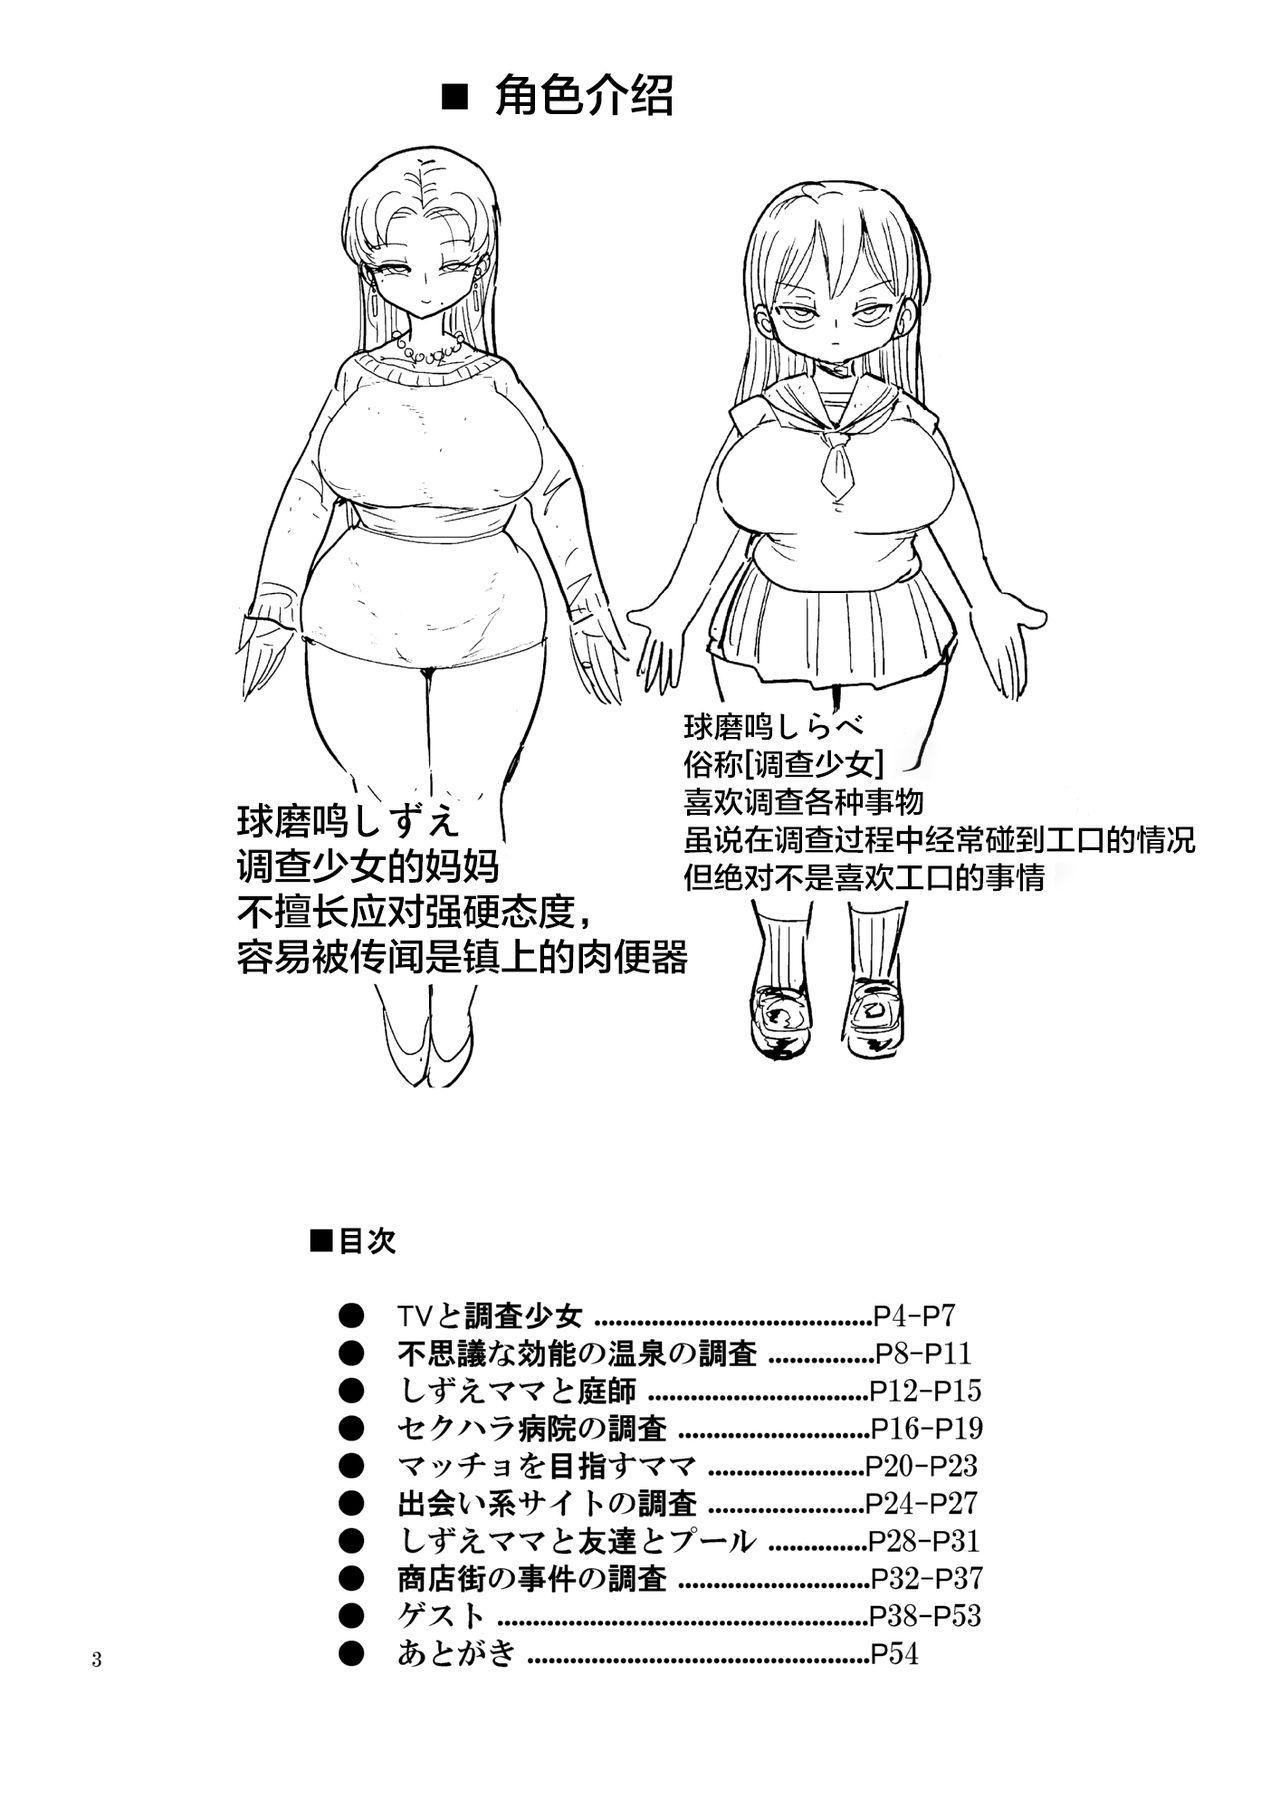 Nandemo Chousa Shoujo no Doujinshi ga Deta? Wakarimashita Chousa Shimasu 2